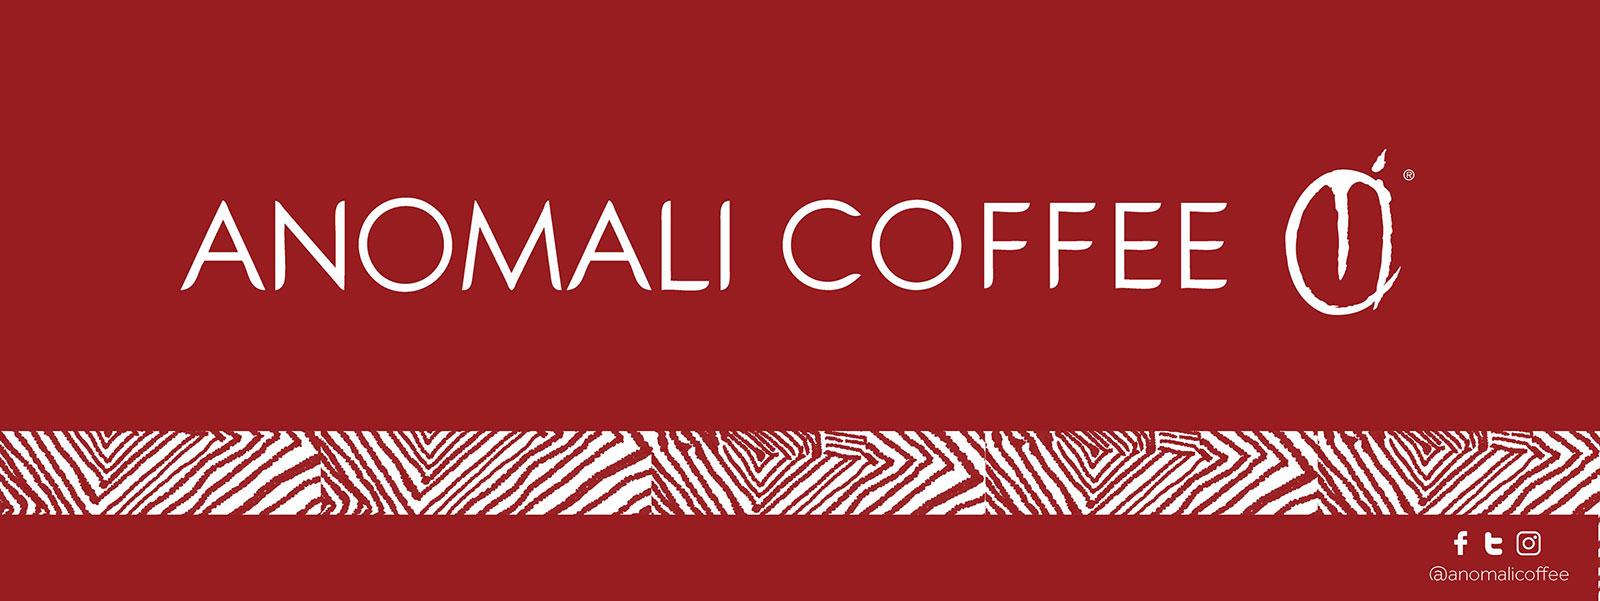 ANOMALI-COFFEE